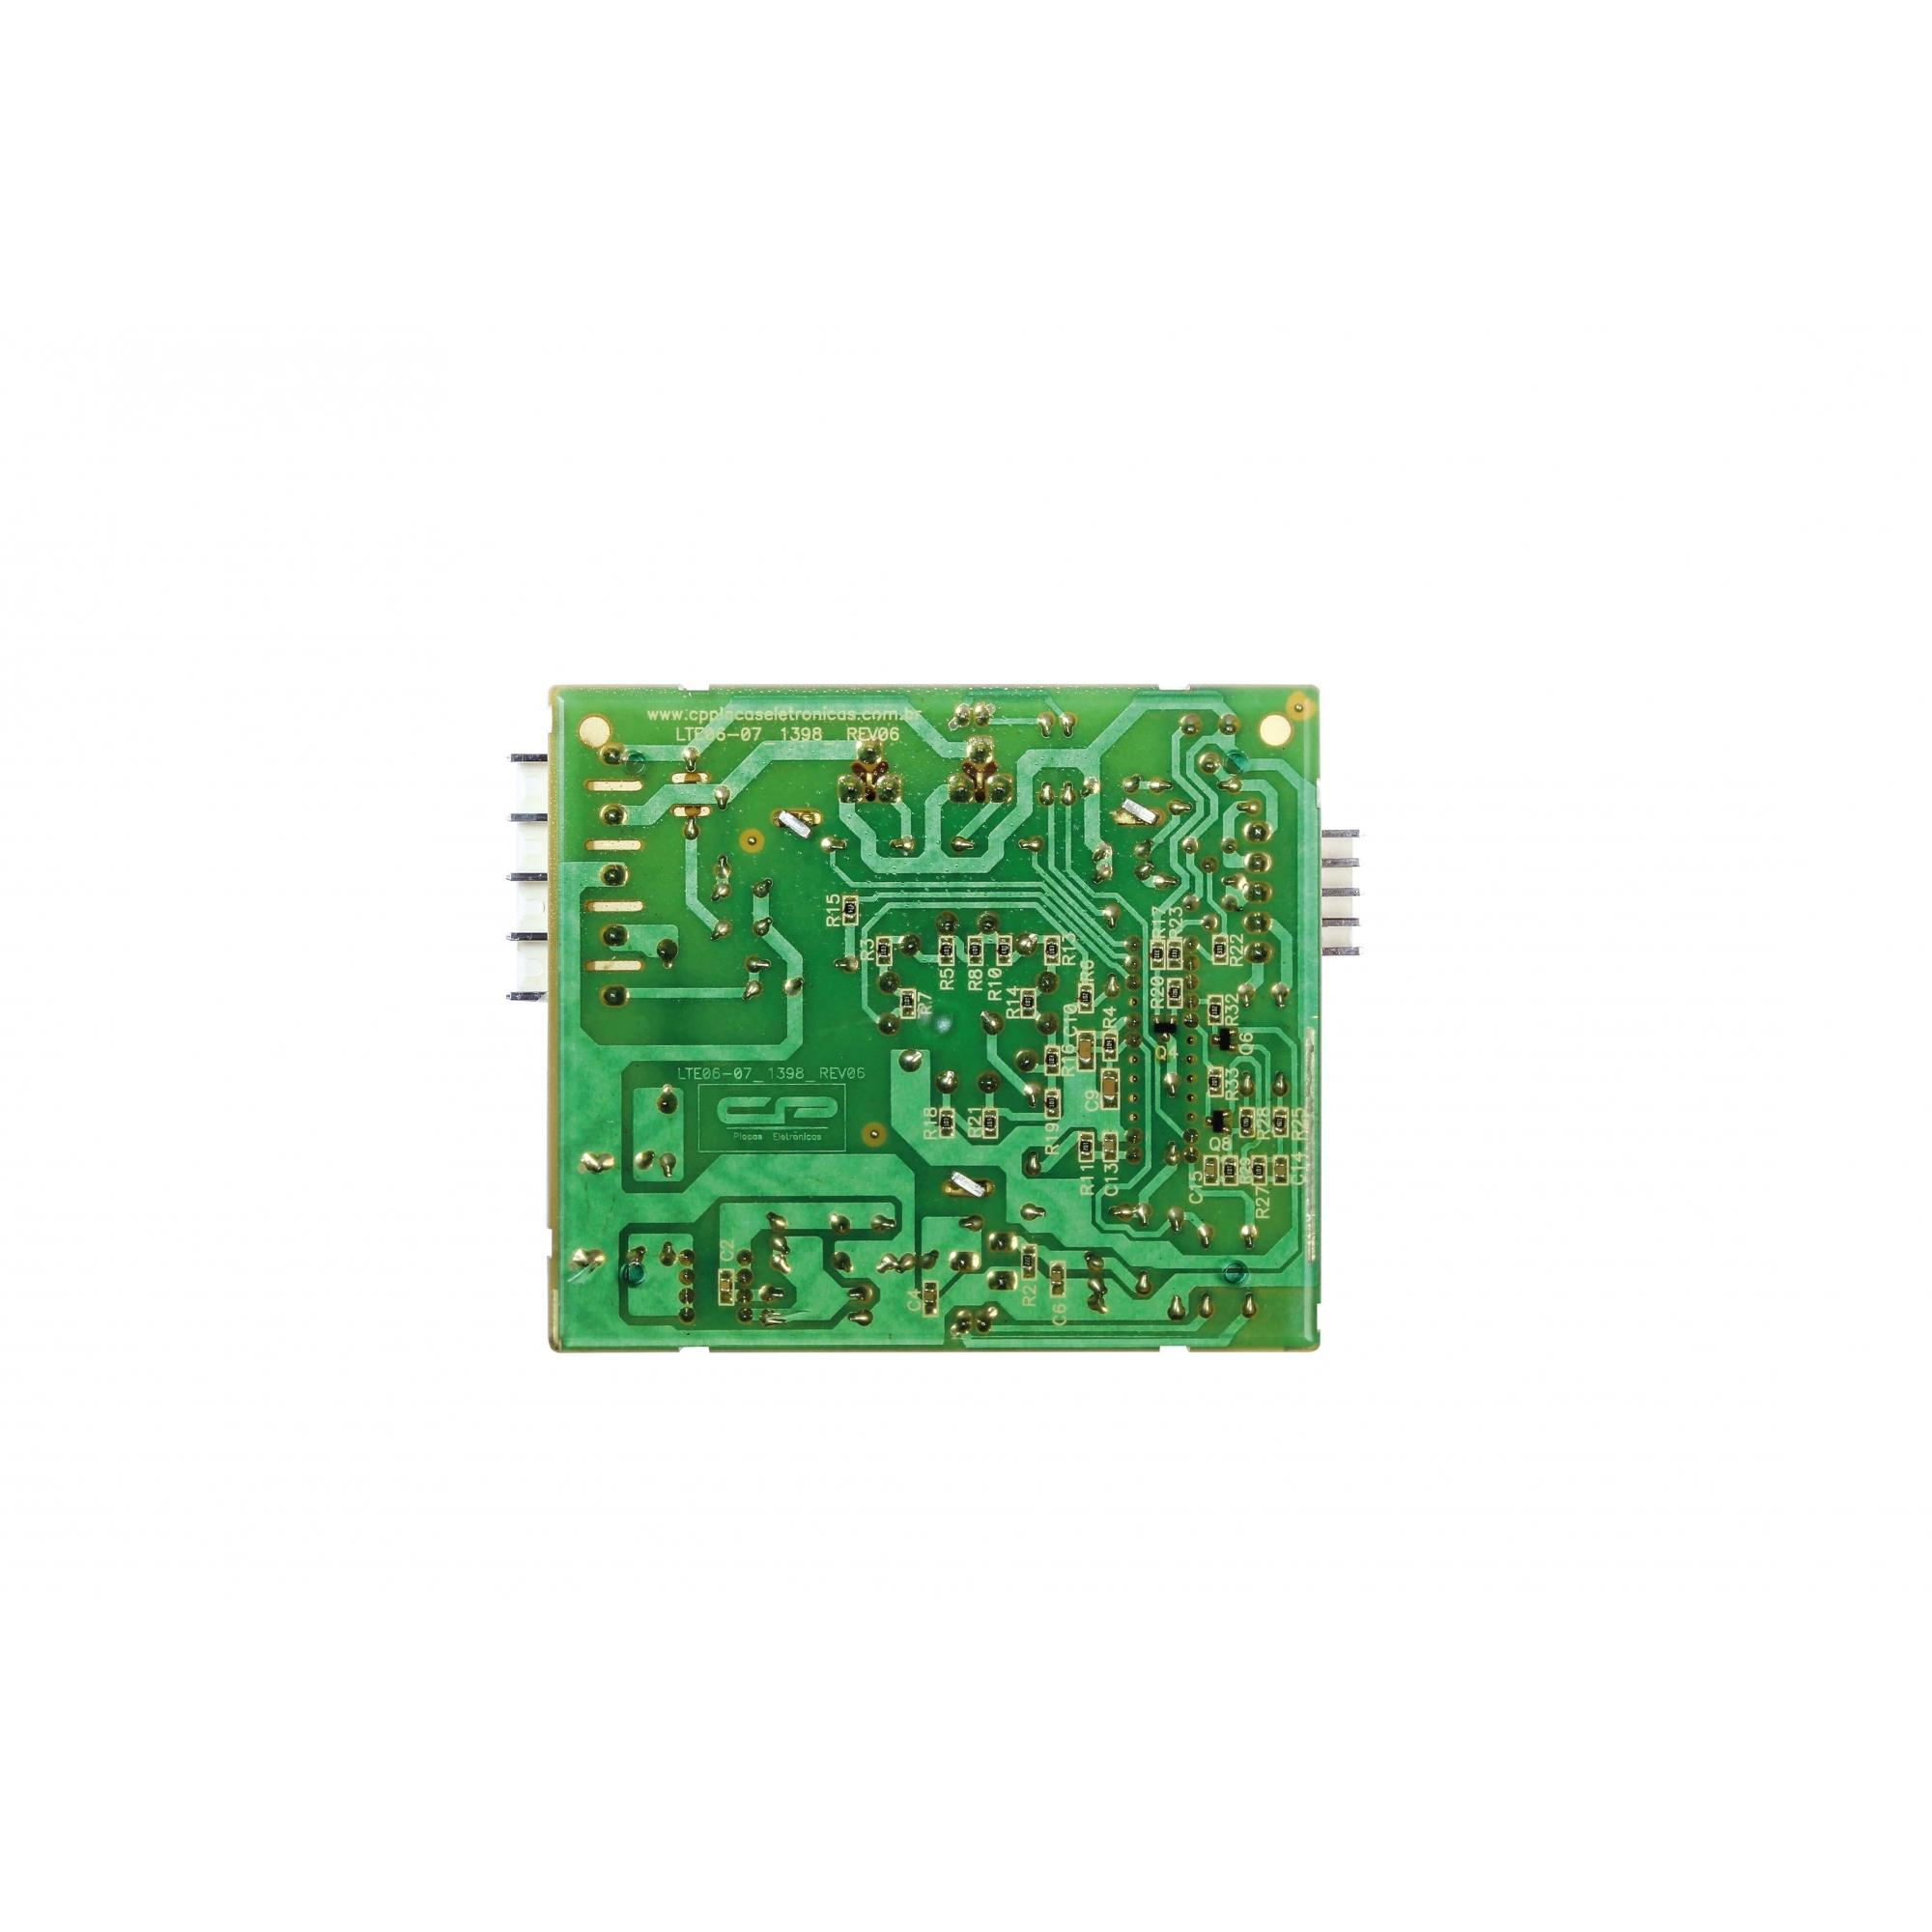 Placa eletrônica compatível lavadora Electrolux LTE06